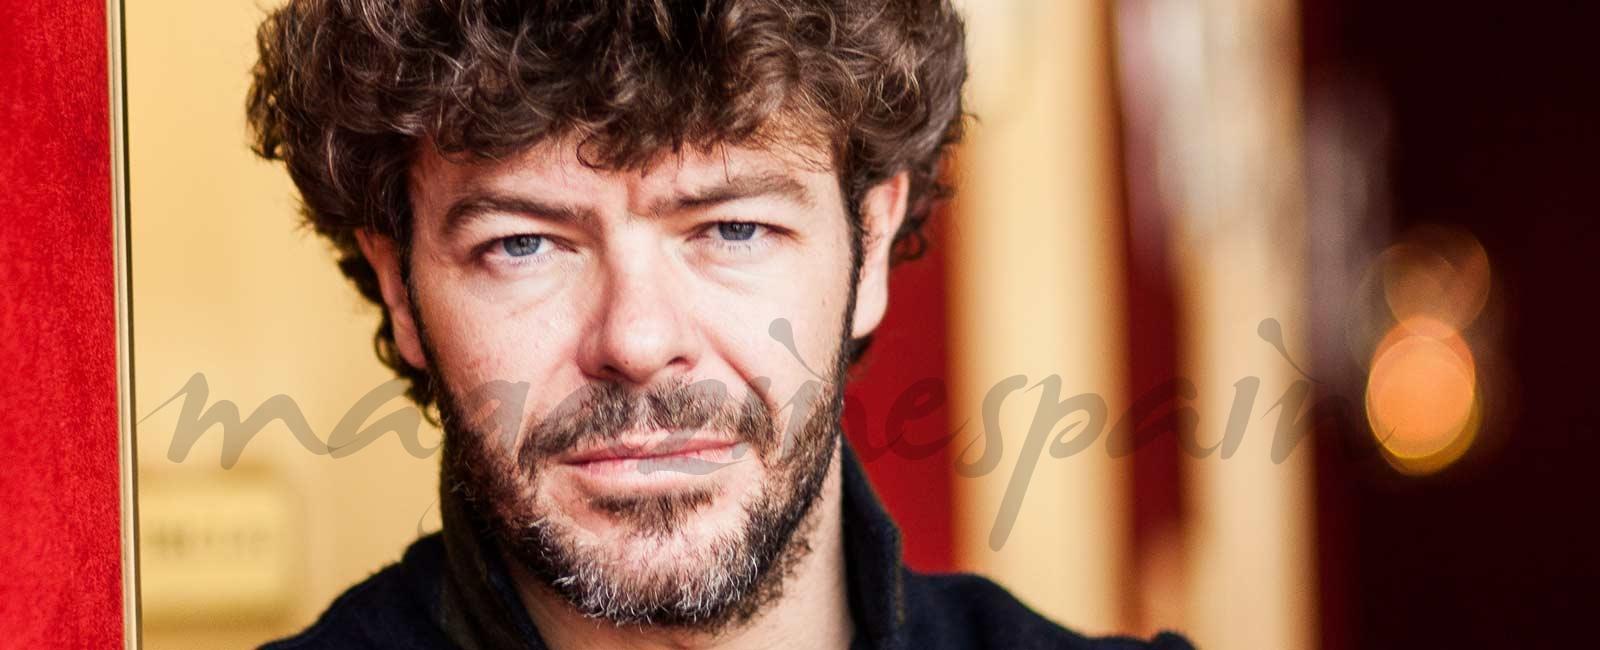 Pablo Heras-Casado dirige esta noche Acordes con Solidaridad